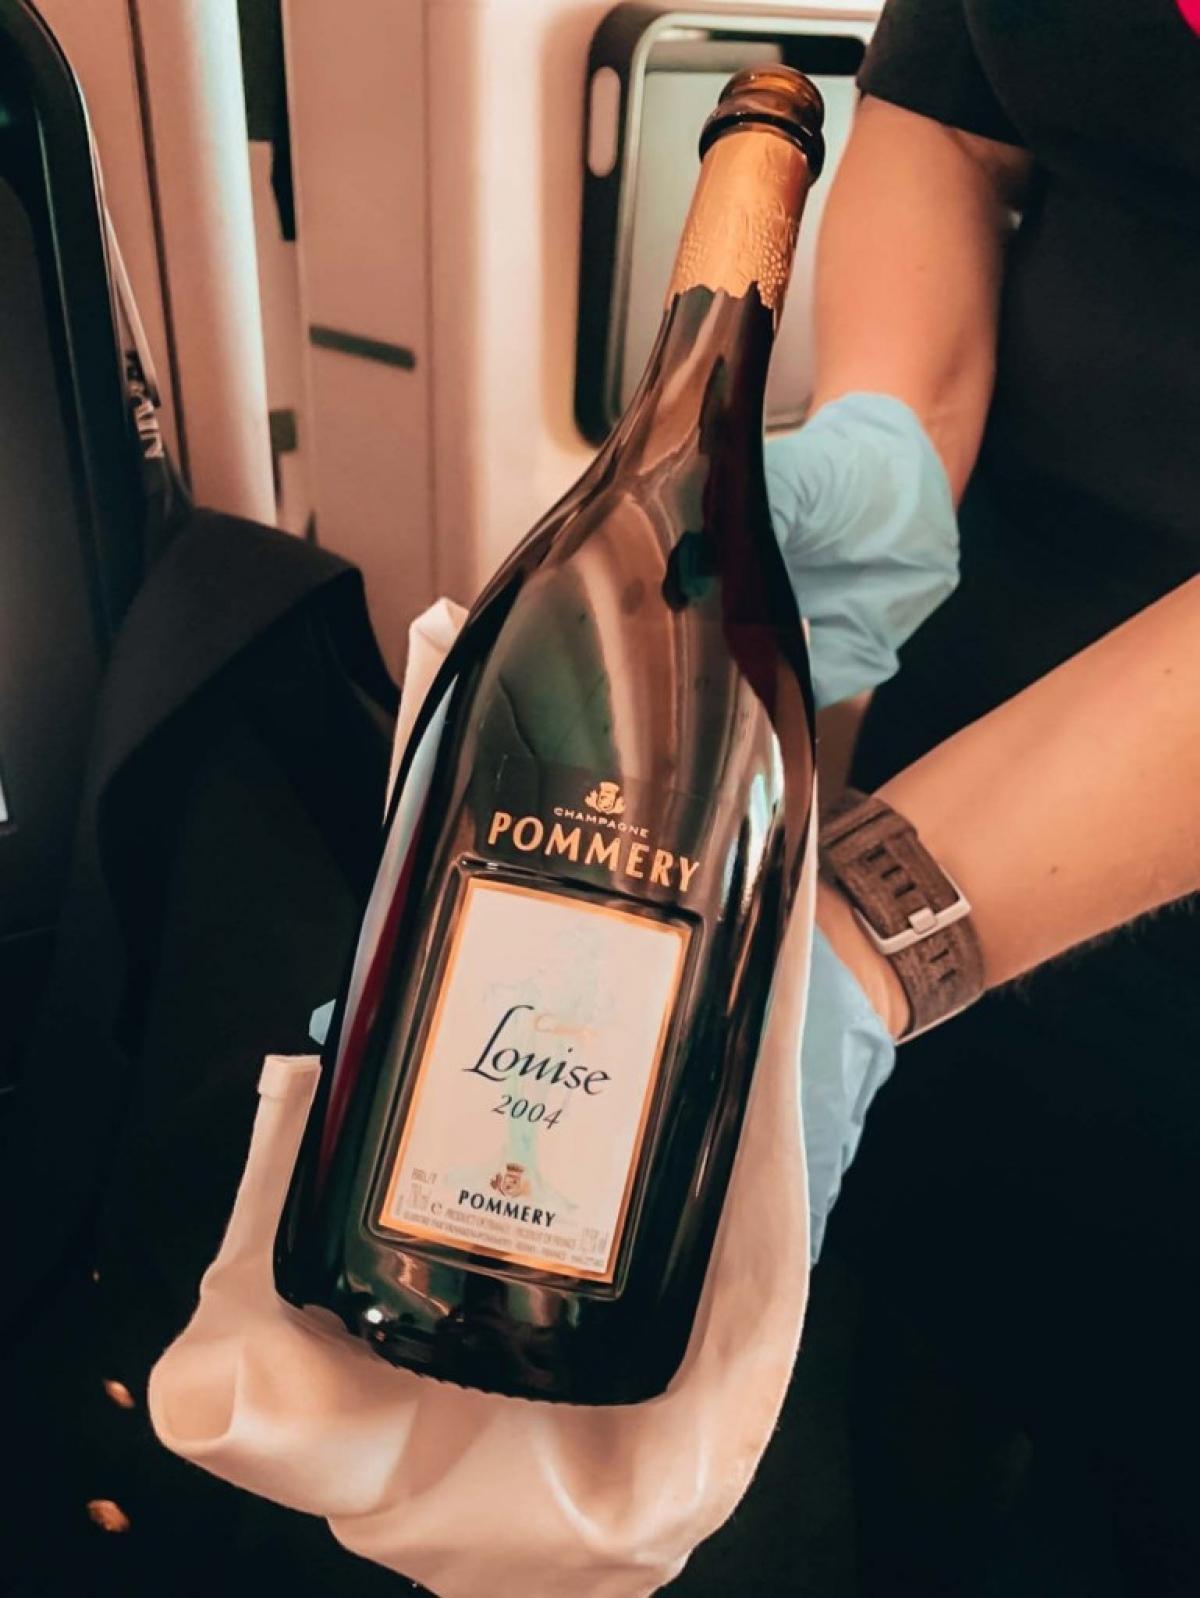 Nhiều loại rượu hảo hạng được phục vụ trên máy bay